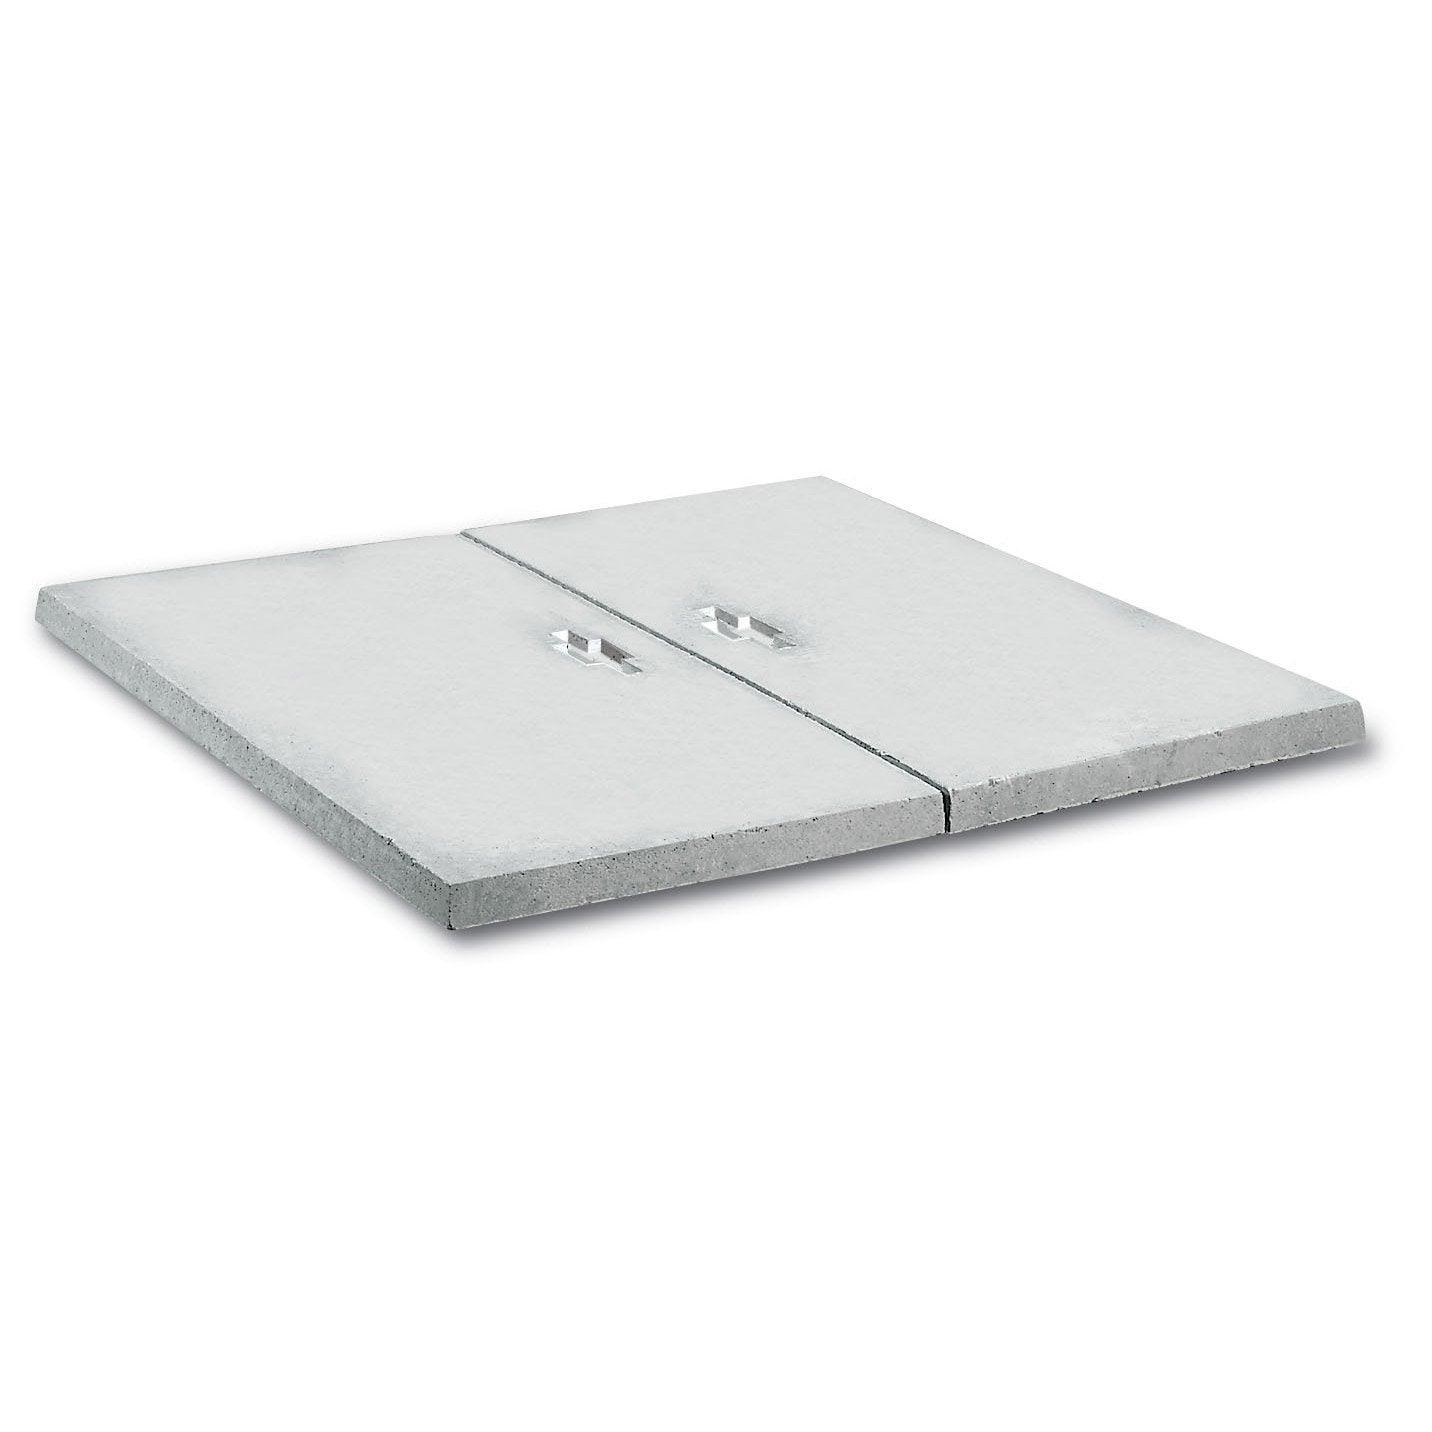 Coffret Compteur Eau Castorama couvercle pour abri béton gris legouez, l.80 x l.80 cm